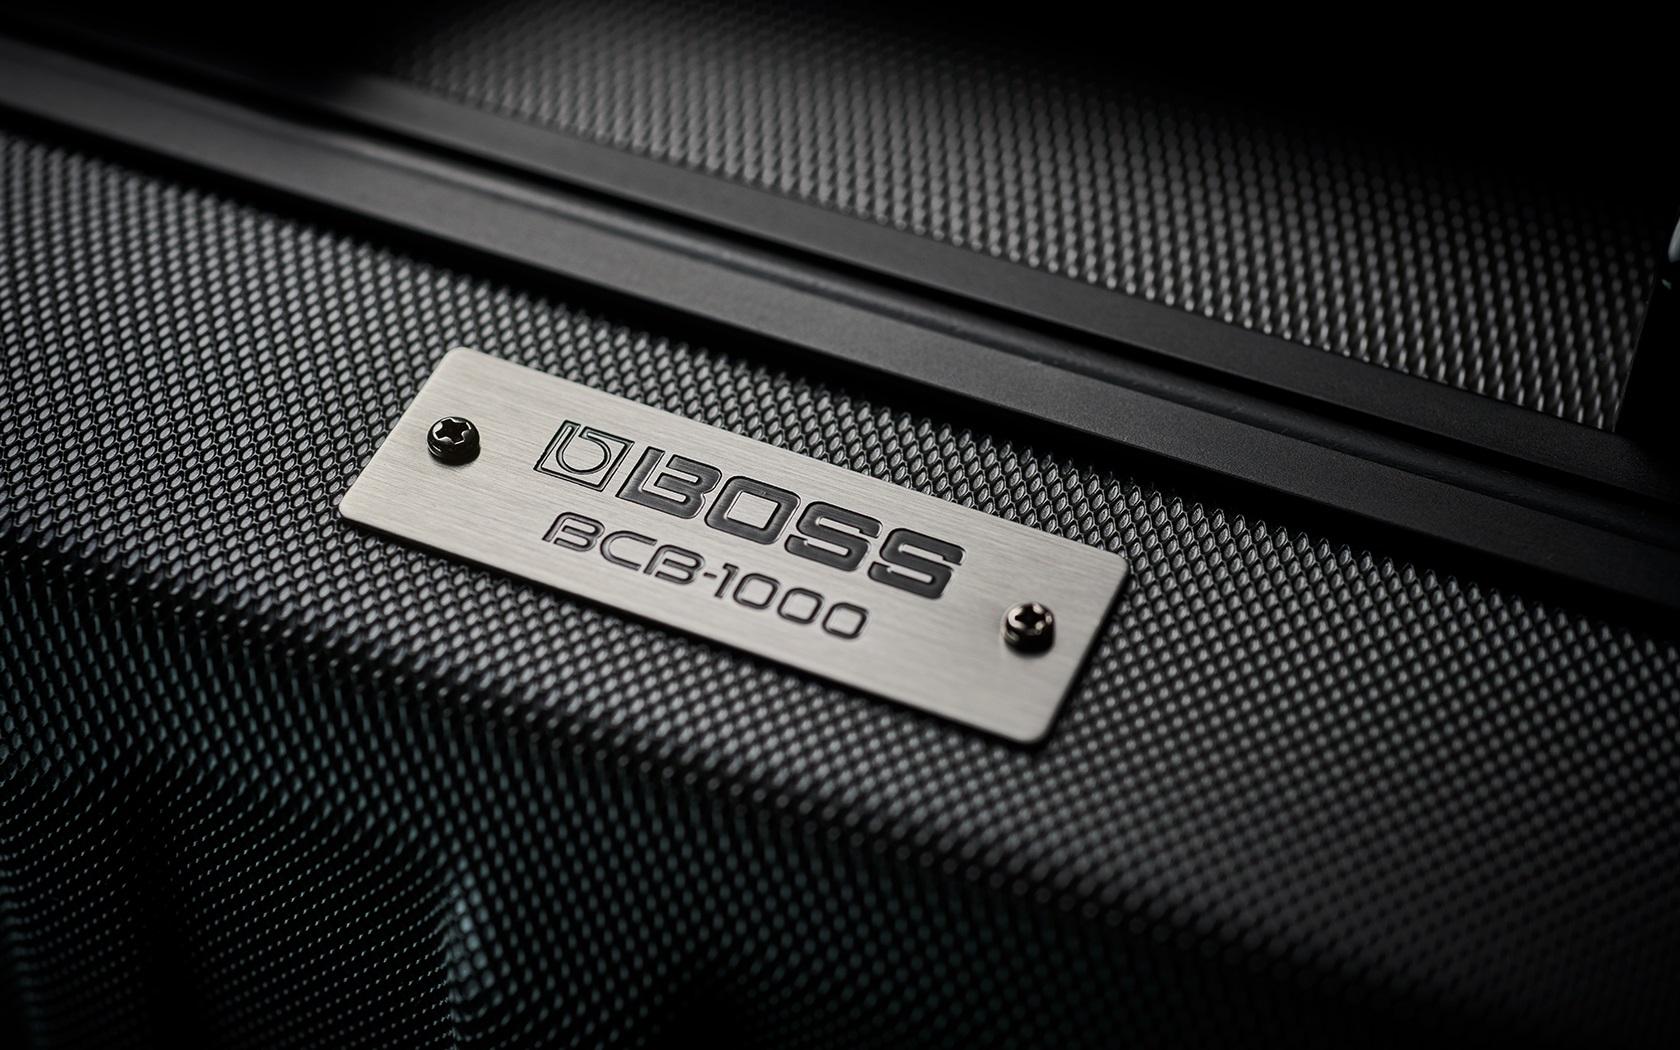 BCB-1000